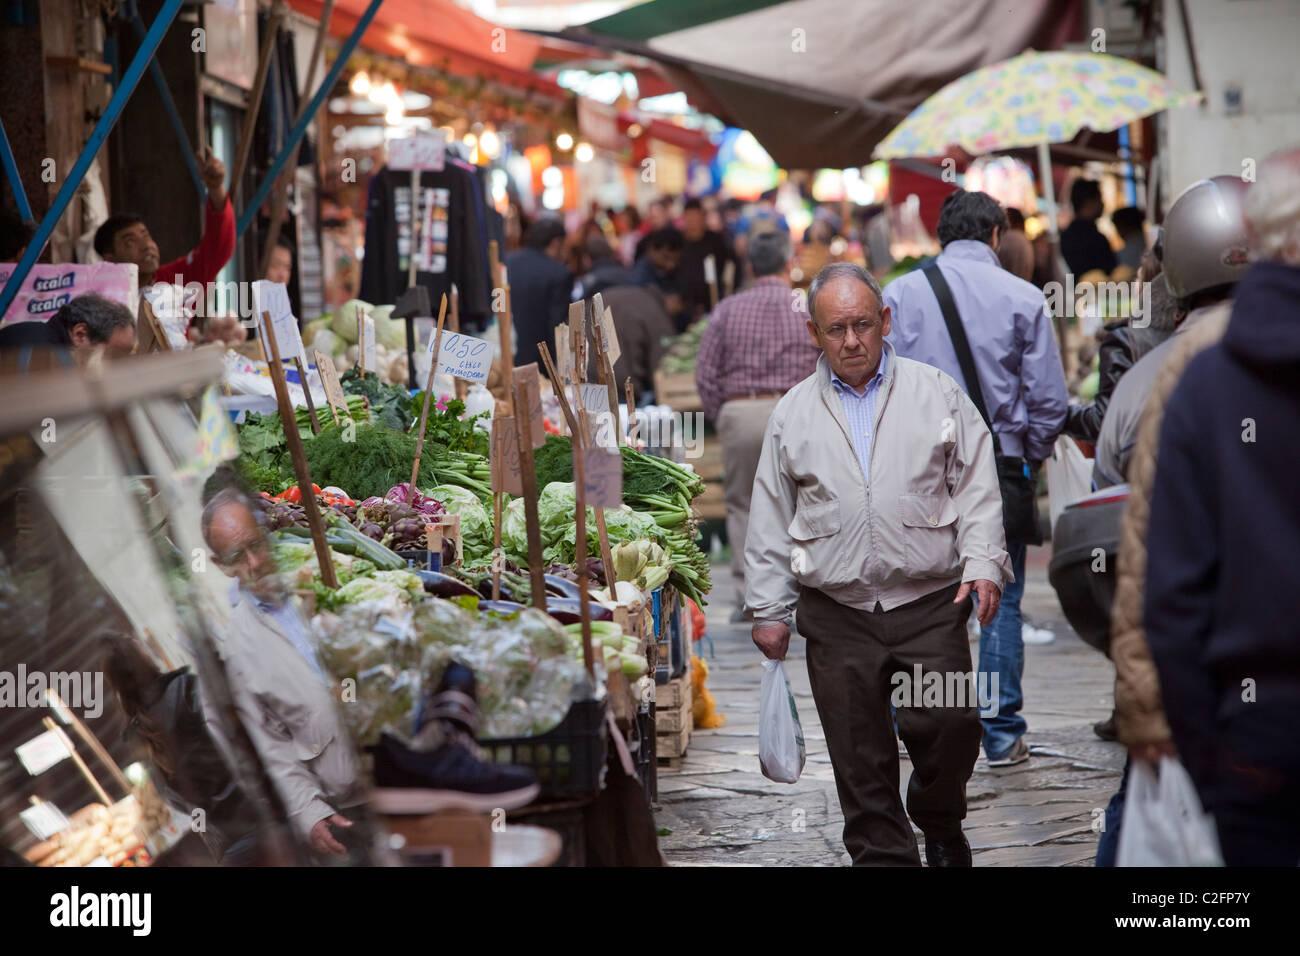 Ballaro Market (mercato) Palermo Sicily Italy - Stock Image